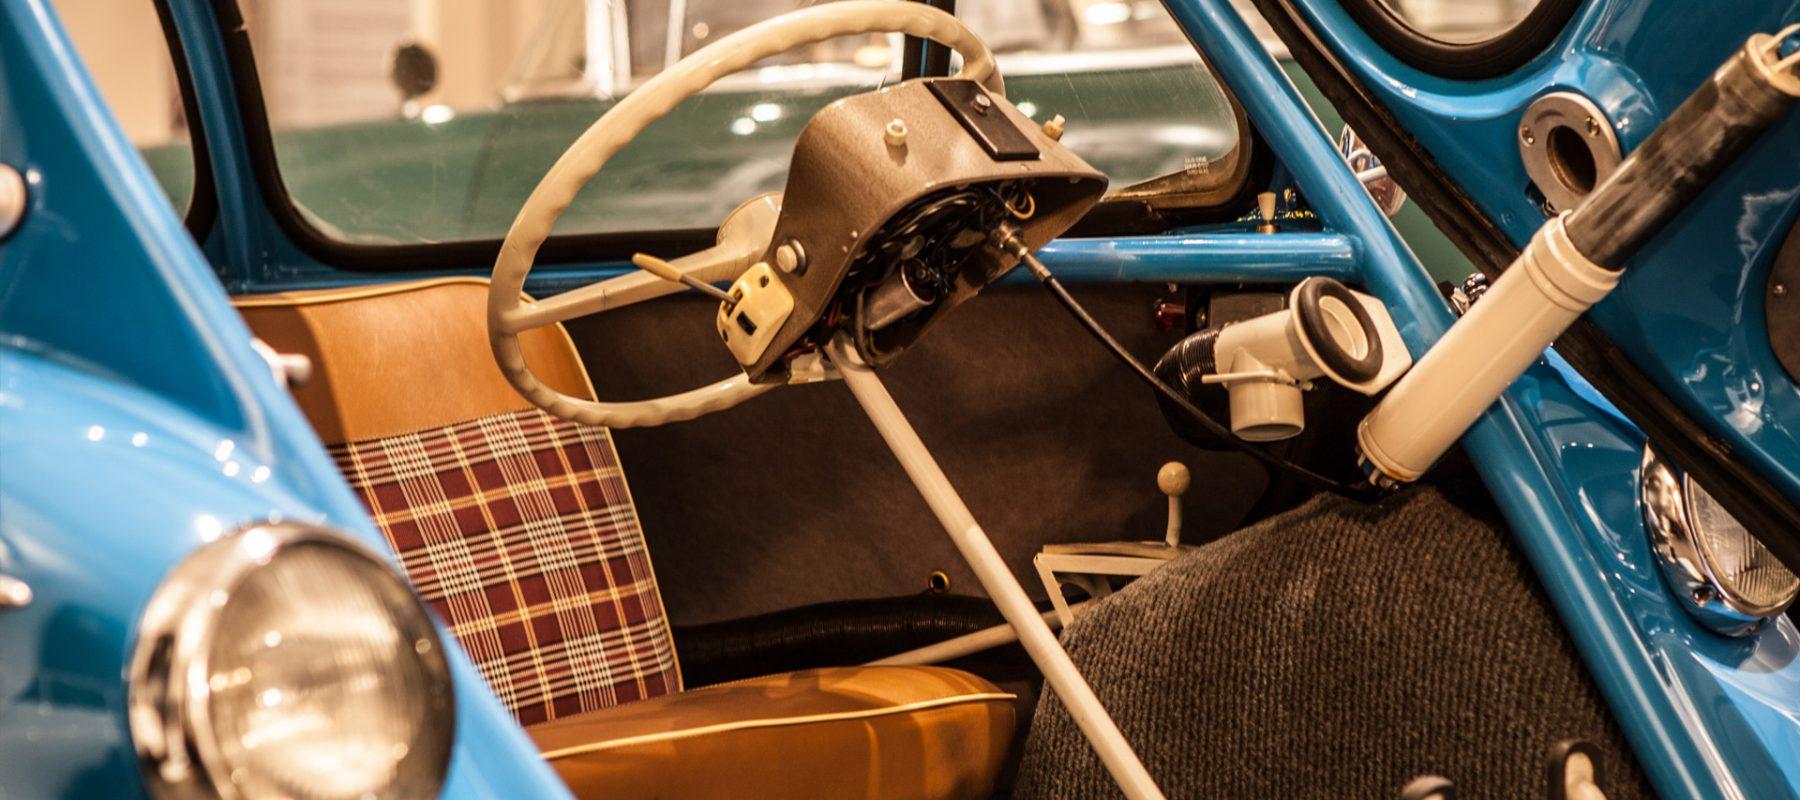 Ein Blick in den Innenraum der blauen 1956er Heinkel Kabine, dem dreirädrigen Rollermobil des ehemaligen Flugzeugherstellers Heinkel, zeigt, dass wie bei der BMW Isetta die komplette Front als Tür aufschwingt. Allerdings ist das Lenkrad samt Lenksäule fest montiert und klappt nicht wie bei der Isetta nach vorn. So muss sich der Fahrer erst wie der Beifahrer auf die karierte Sitzbank setzen und dann hinter das Lenkrad rutschen.